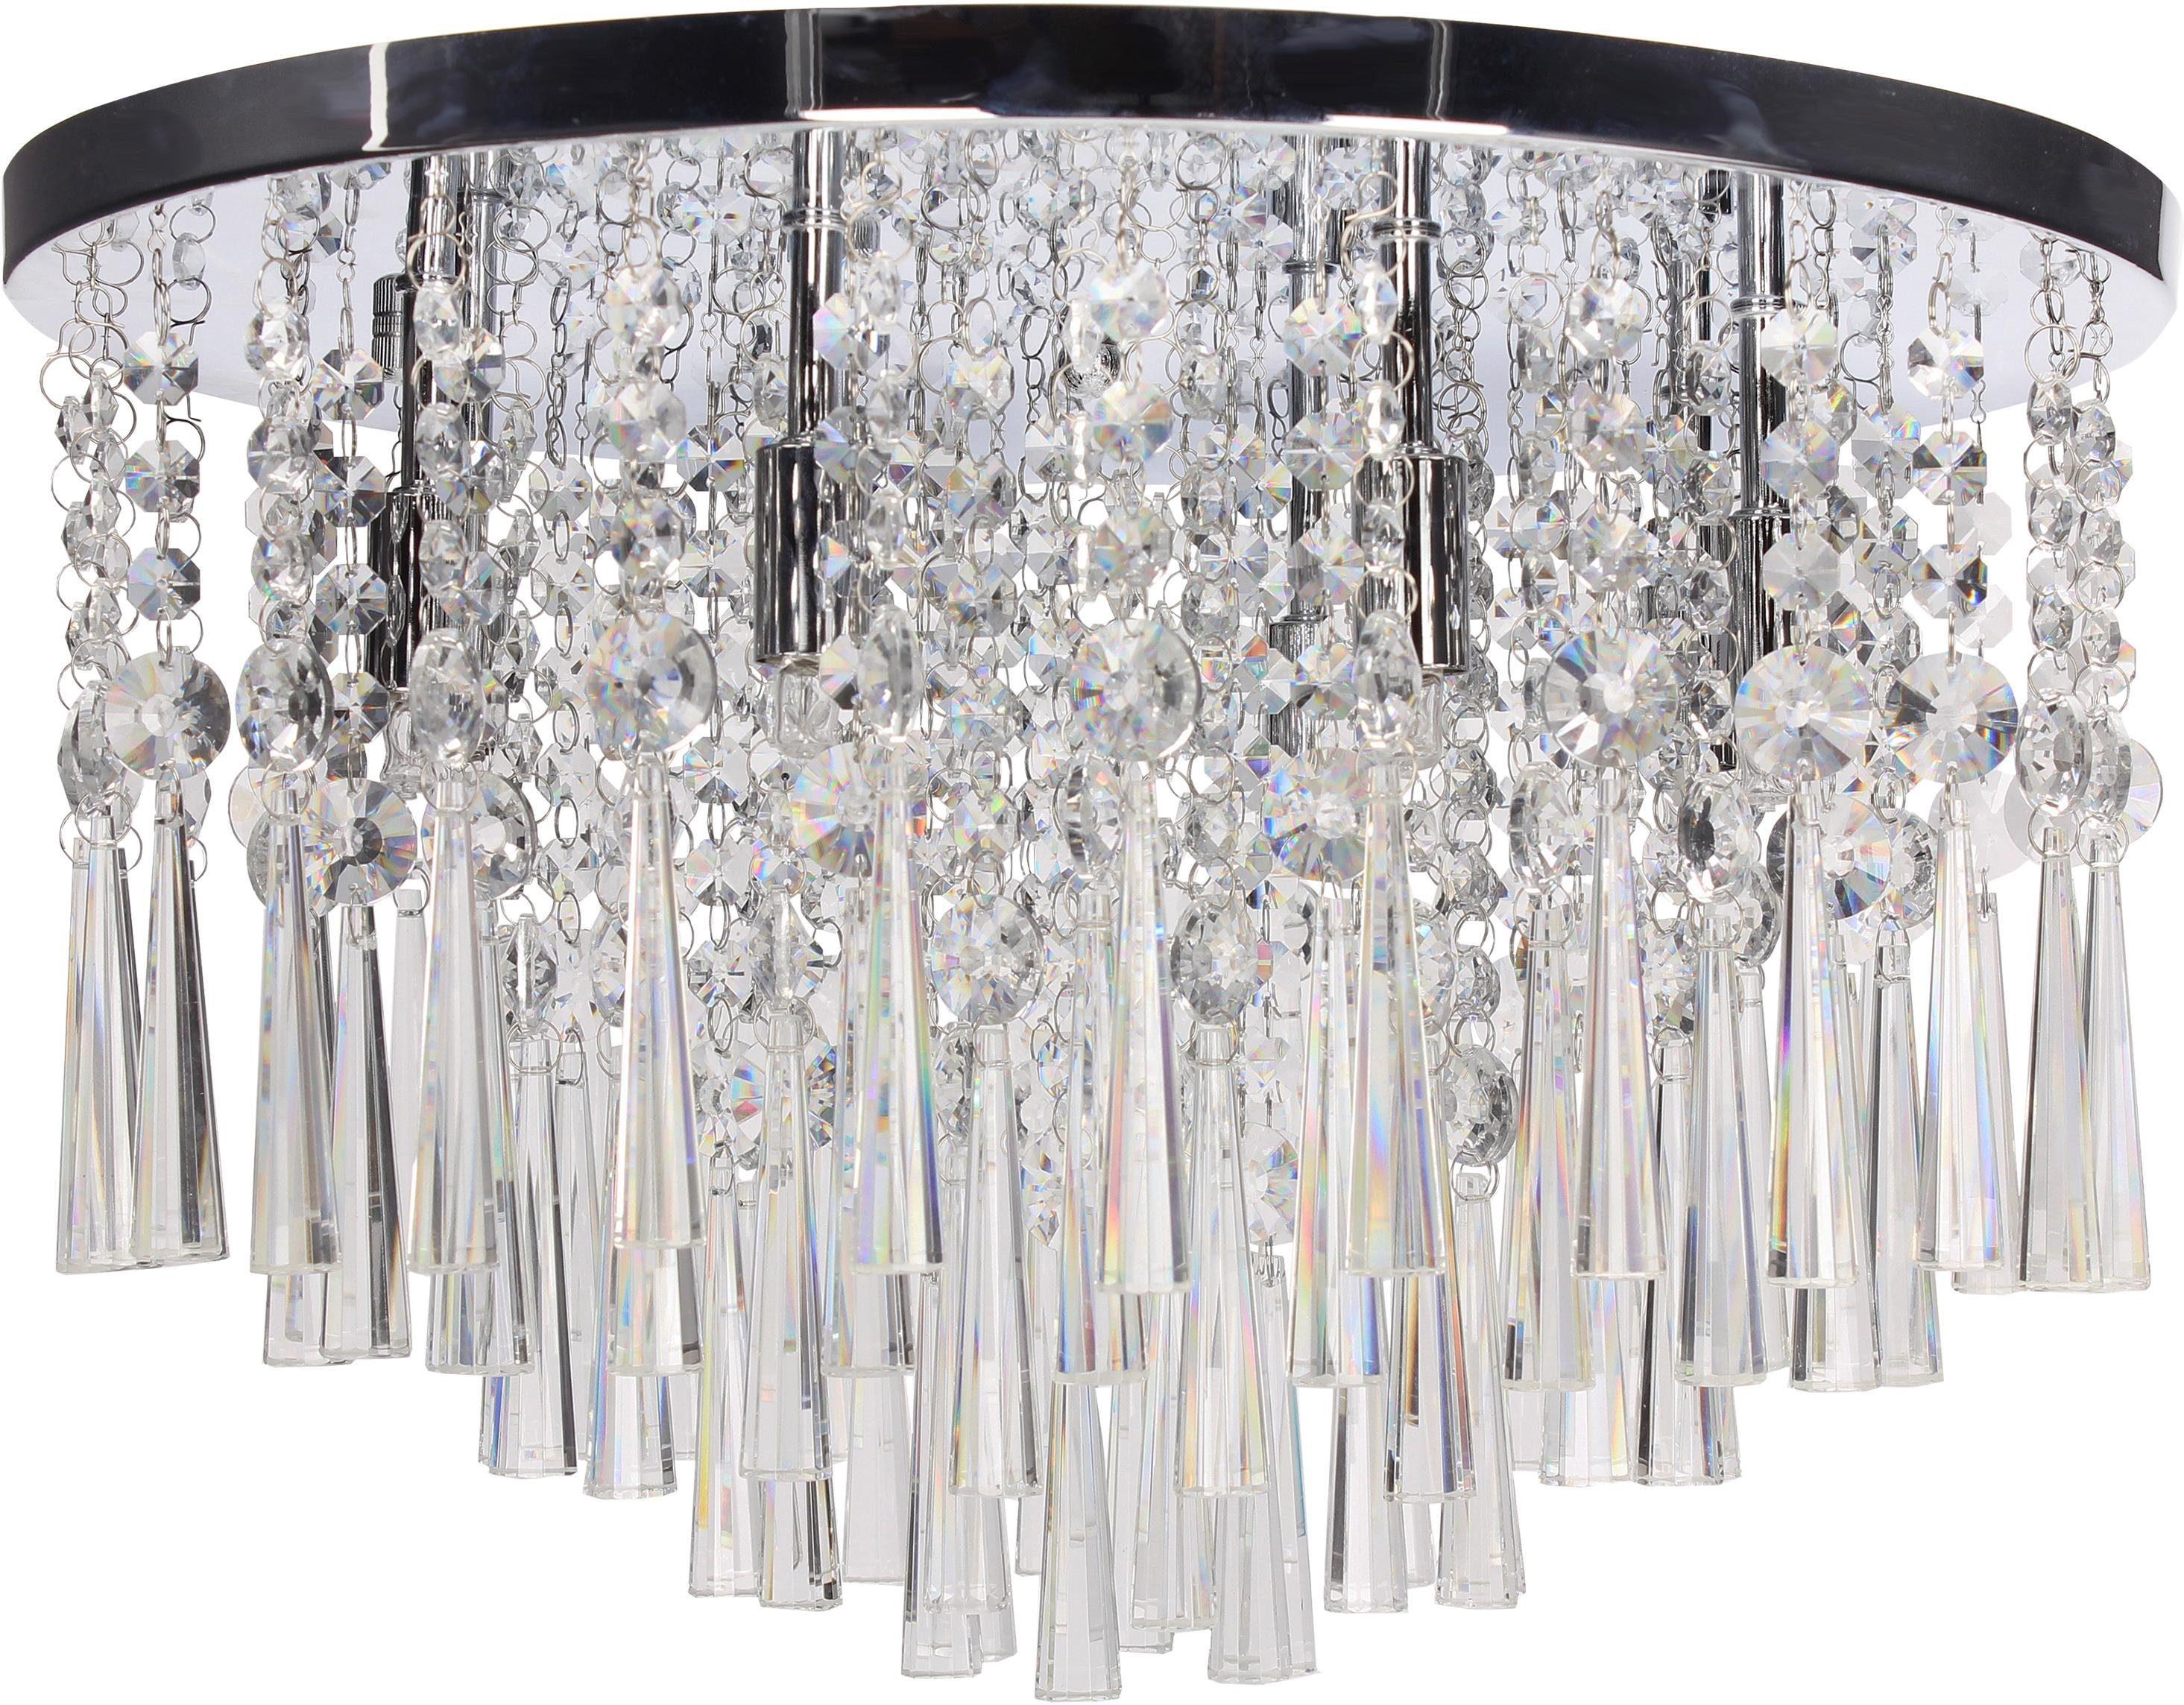 SPOT Light Deckenleuchte LUXORIA, G9, Warmweiß, Hochwertige Leuchte mit echtem Kristallen, LED-Leuchtmittel inklusive, Zeitlos und elegant.